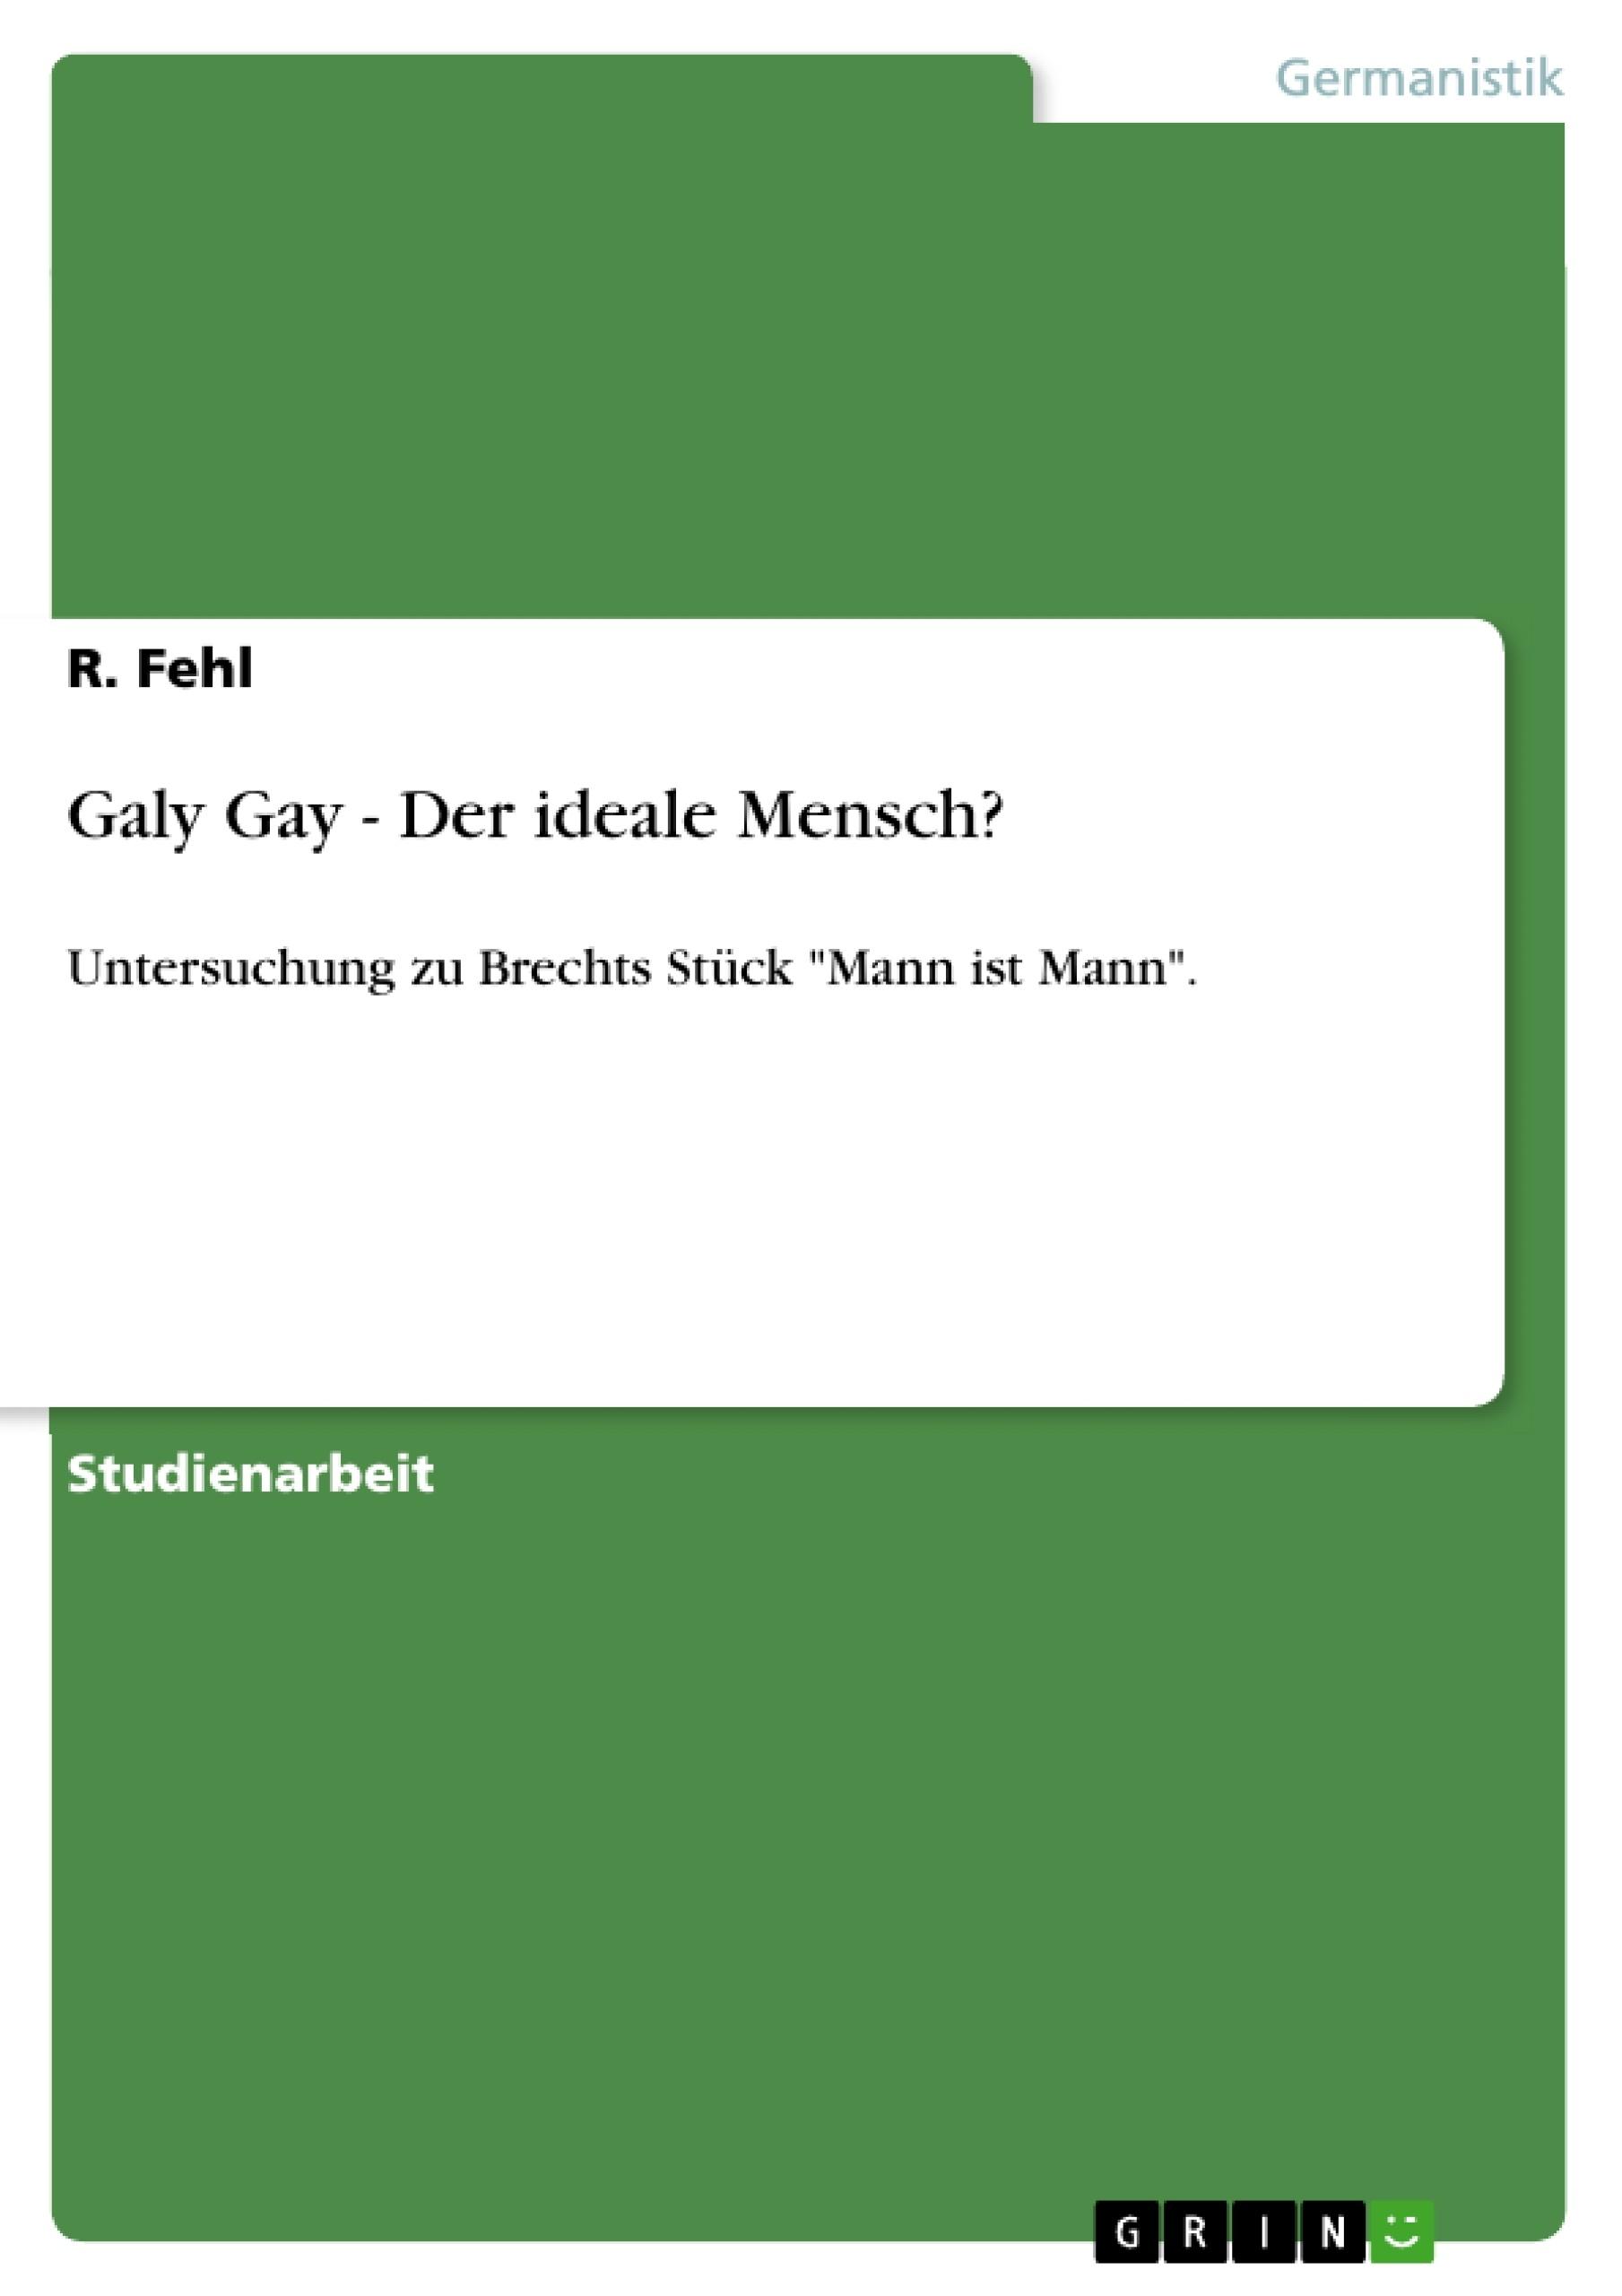 Titel: Galy Gay - Der ideale Mensch?